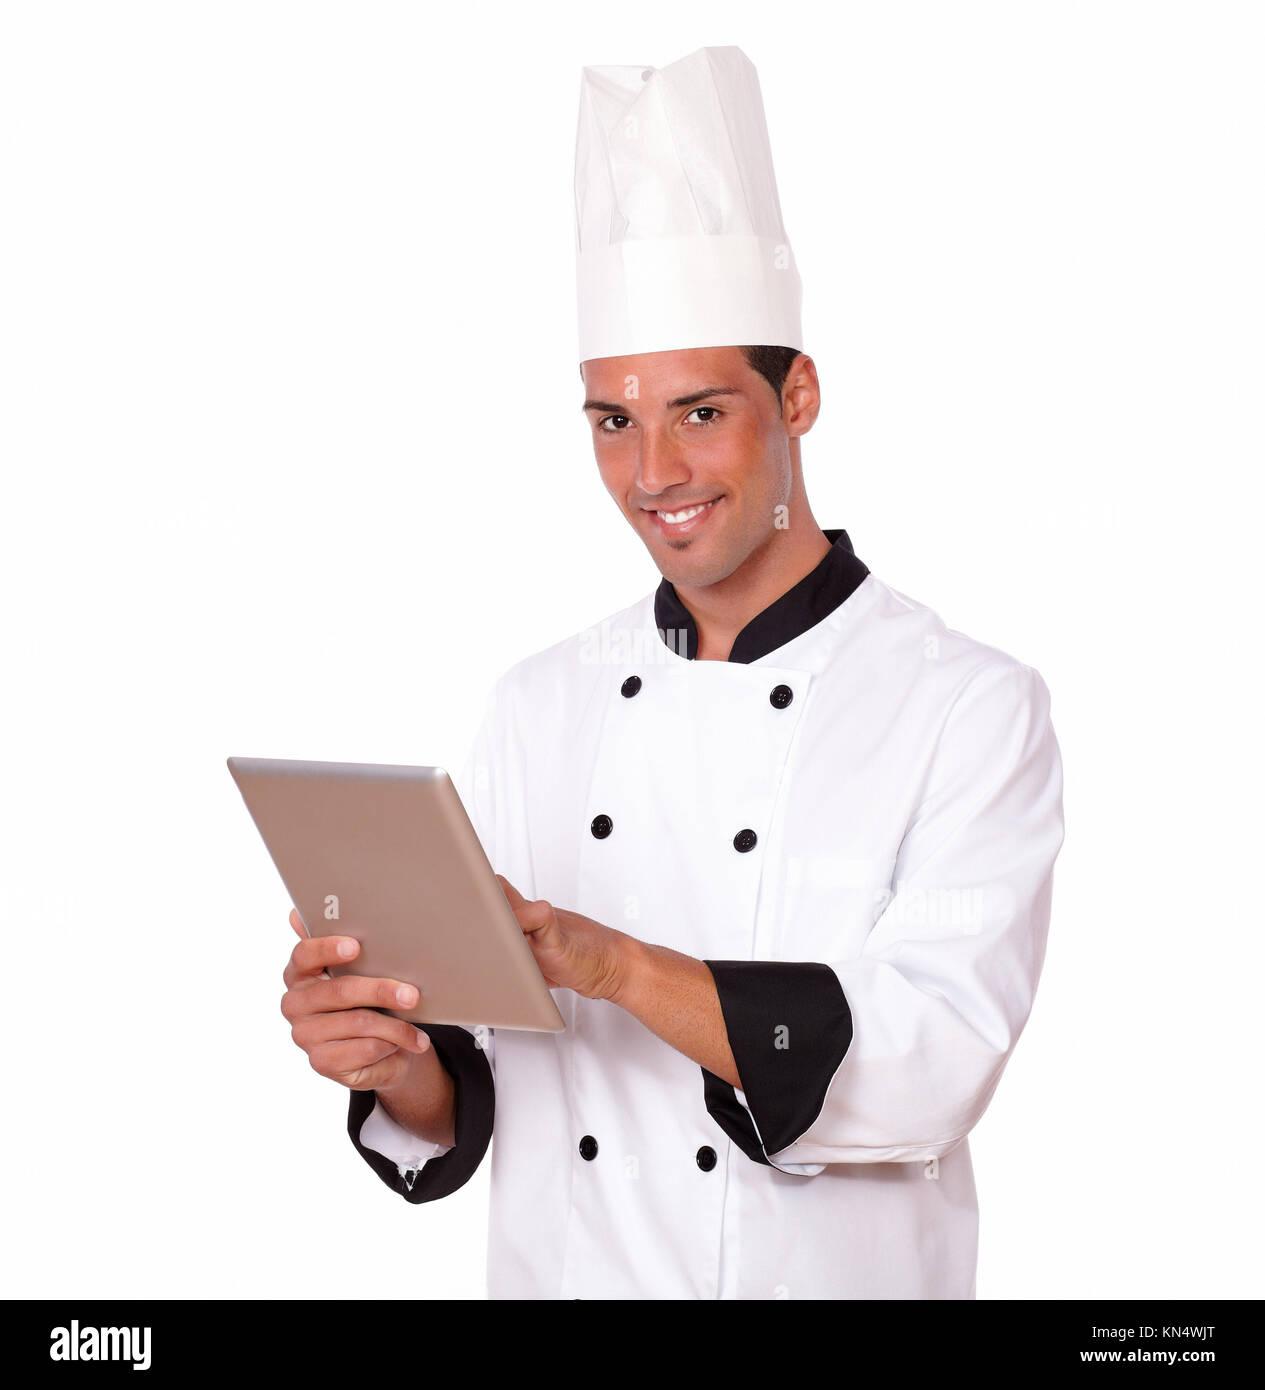 Portrait de l'homme chef professionnel 20s sur l'uniforme blanc en utilisant son pc tablette lorsque vous Photo Stock